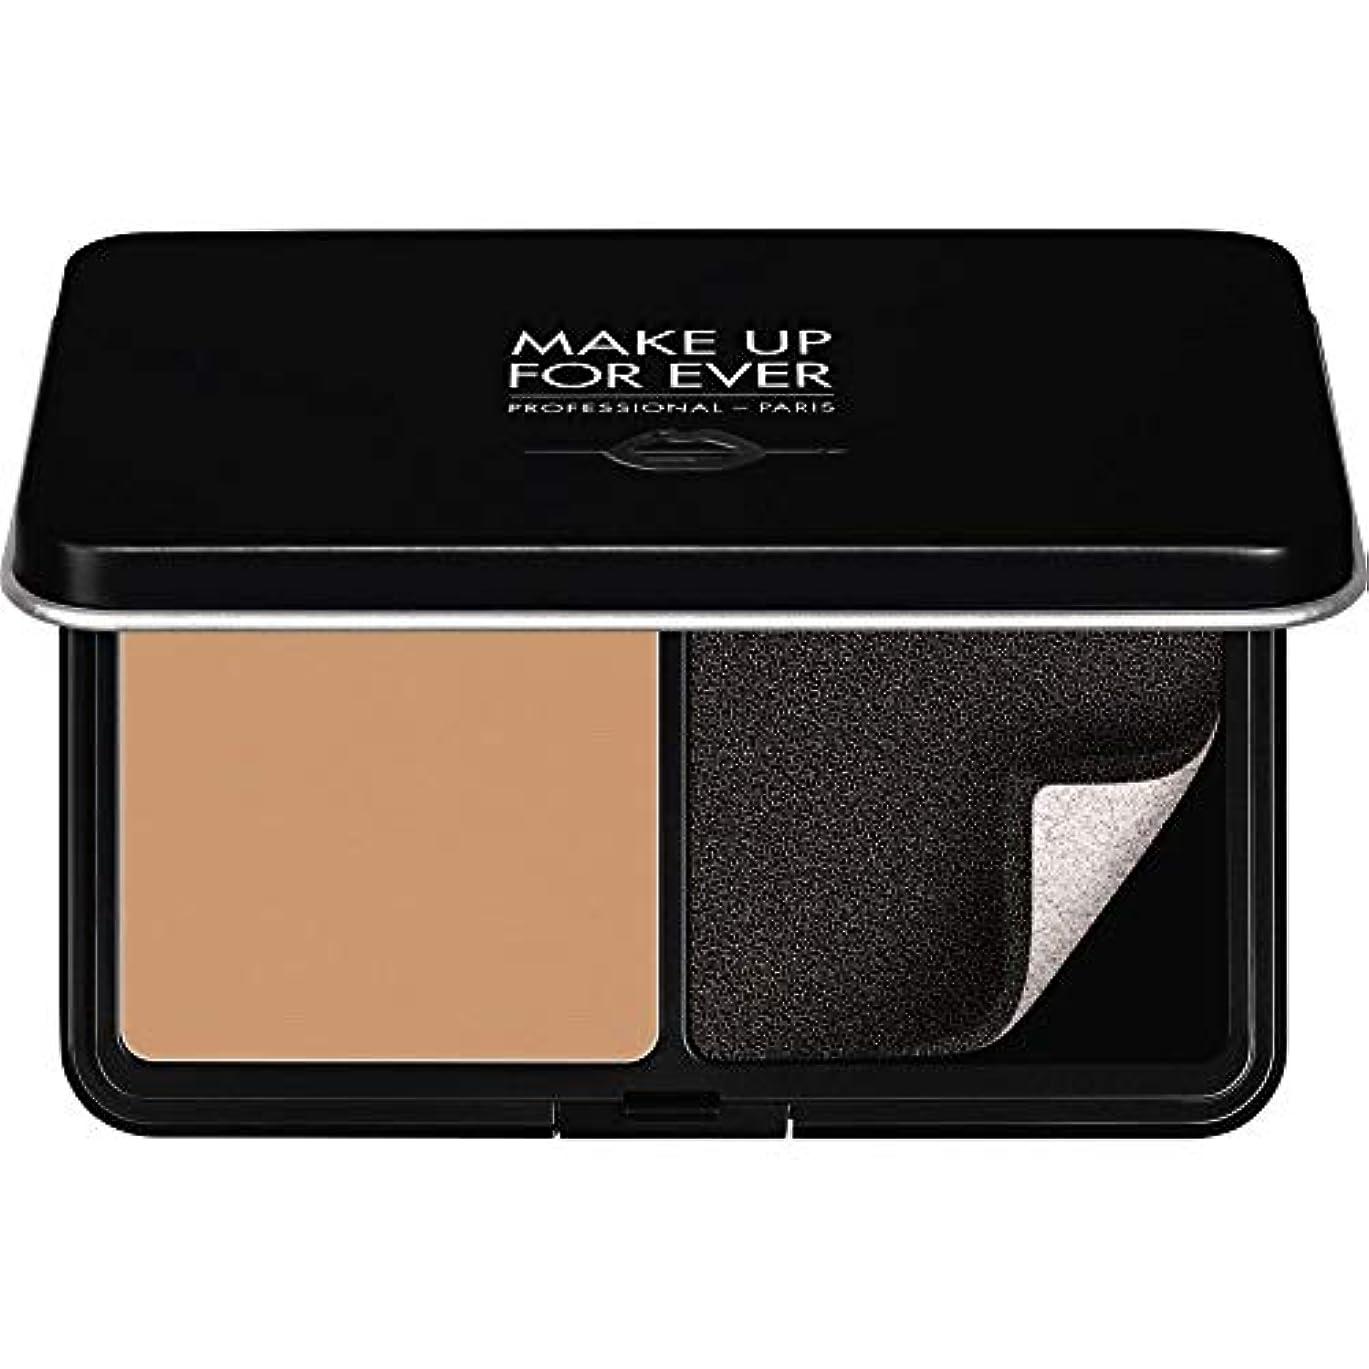 コンプリート息切れハーネス[MAKE UP FOR EVER ] パウダーファンデーション11GののR370をぼかし、これまでマットベルベットの肌を補う - メディアベージュ - MAKE UP FOR EVER Matte Velvet Skin Blurring Powder Foundation 11g R370 - Medium Beige [並行輸入品]